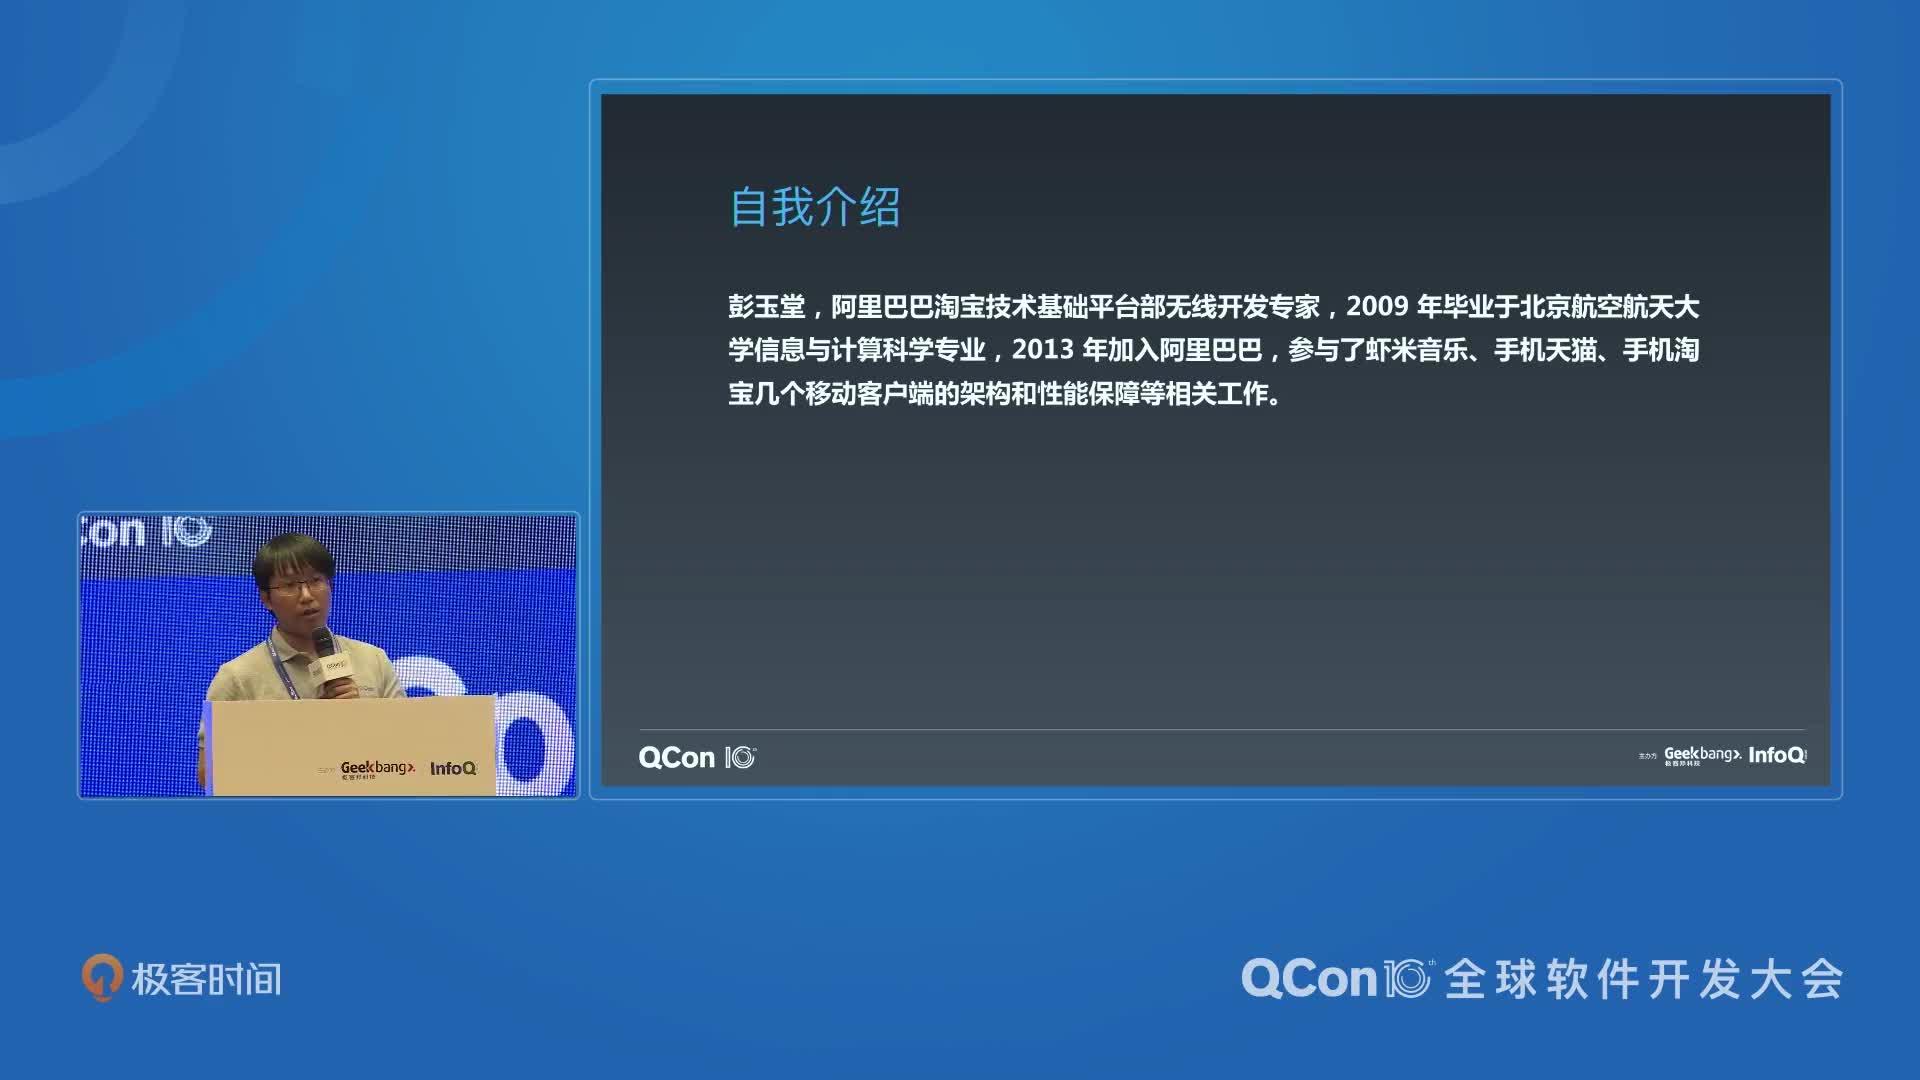 基于协程的编程方式在移动端研发的思考及最佳实践 | QCon